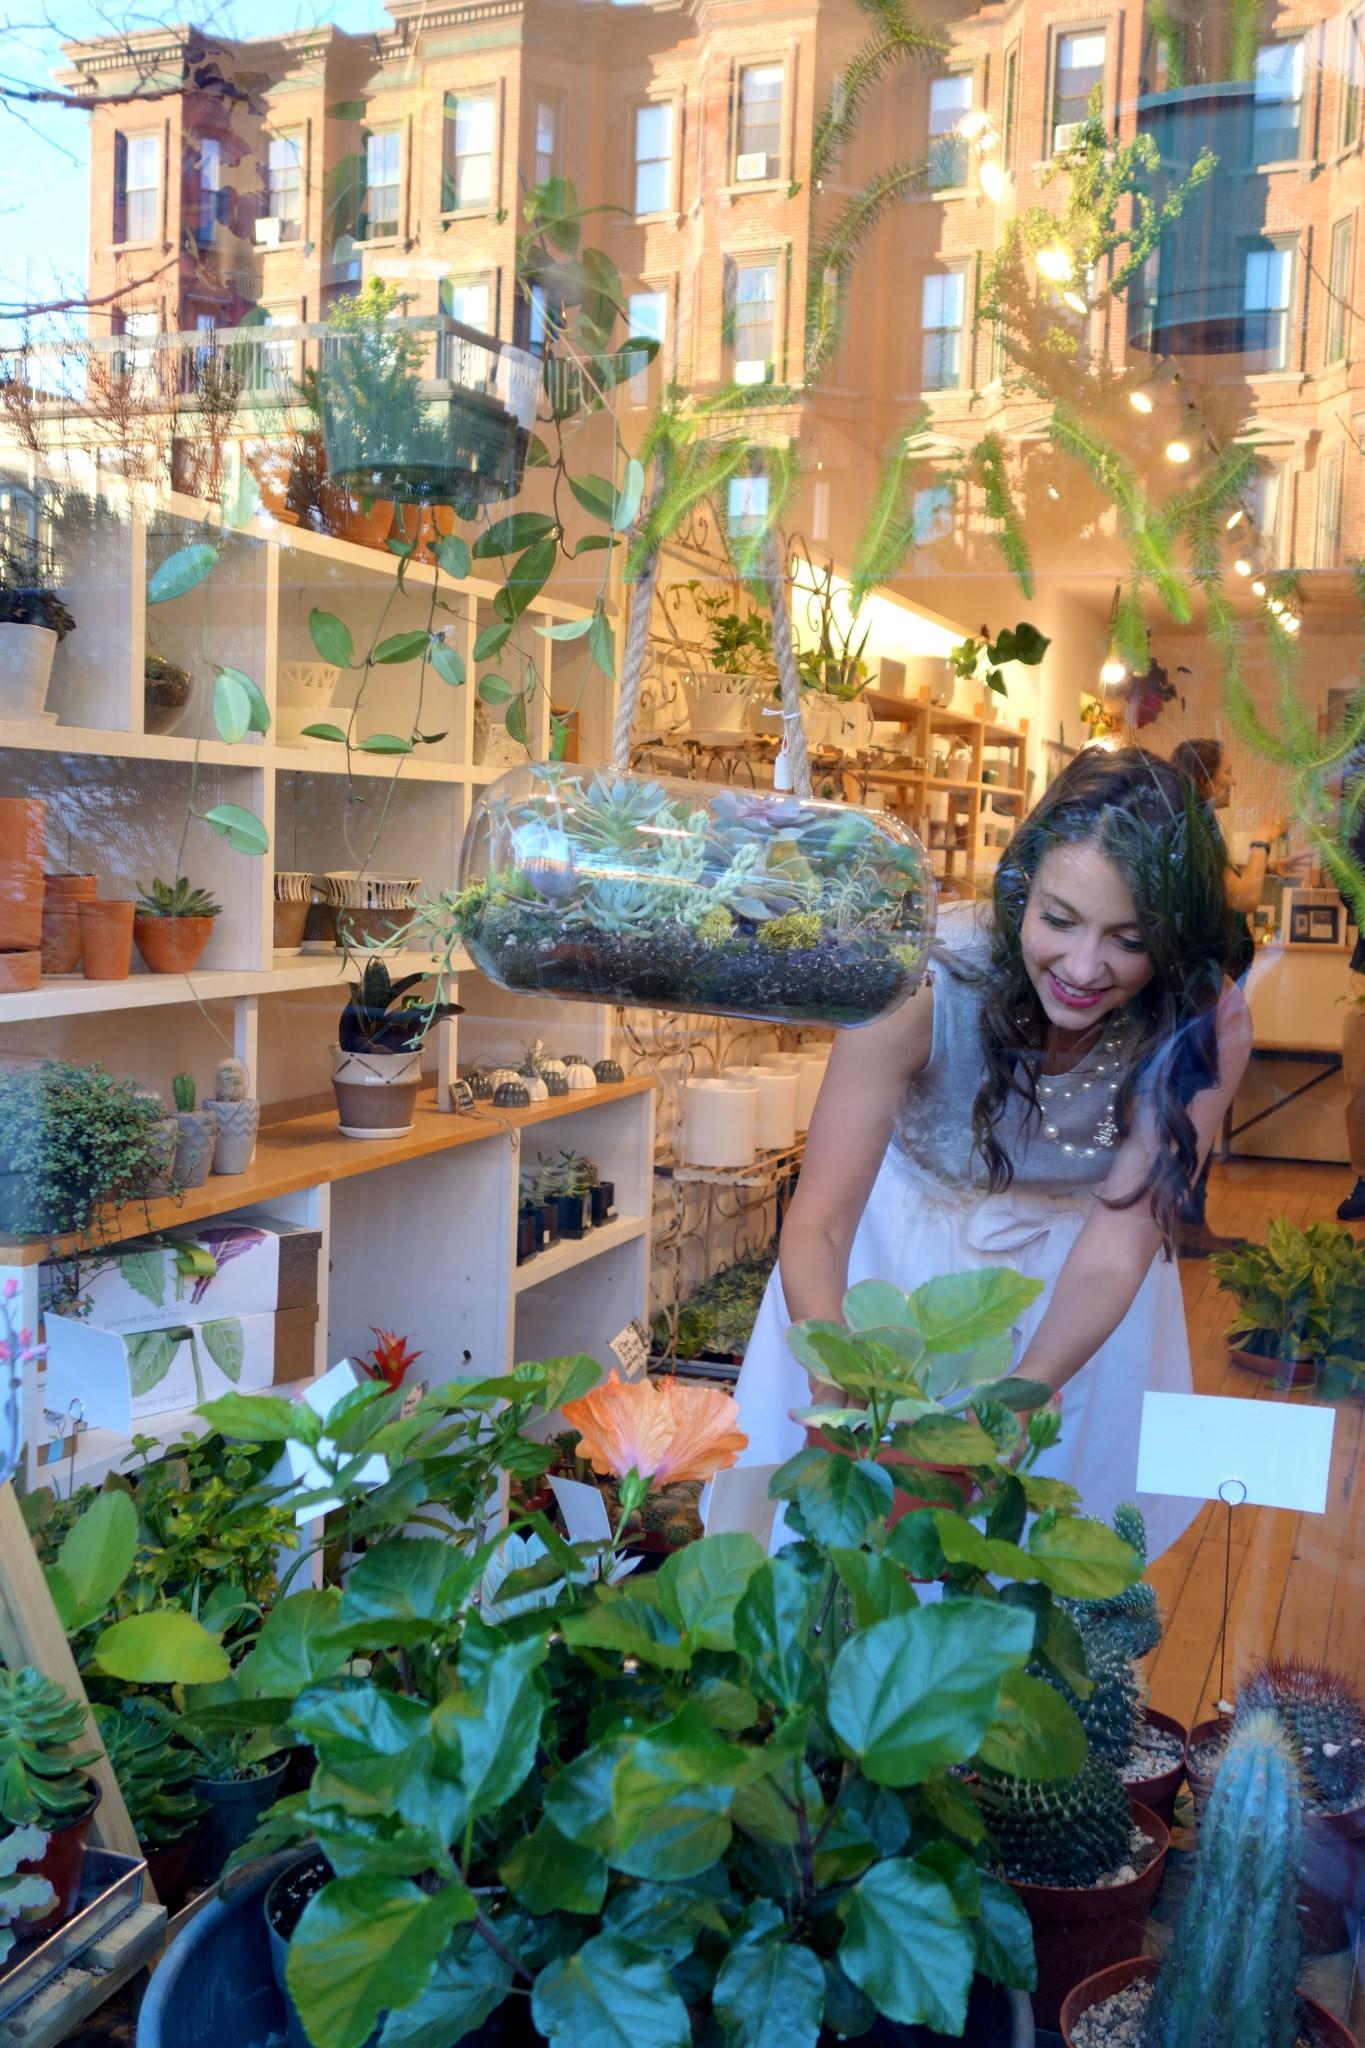 niche urban garden supply, the-alyst.com